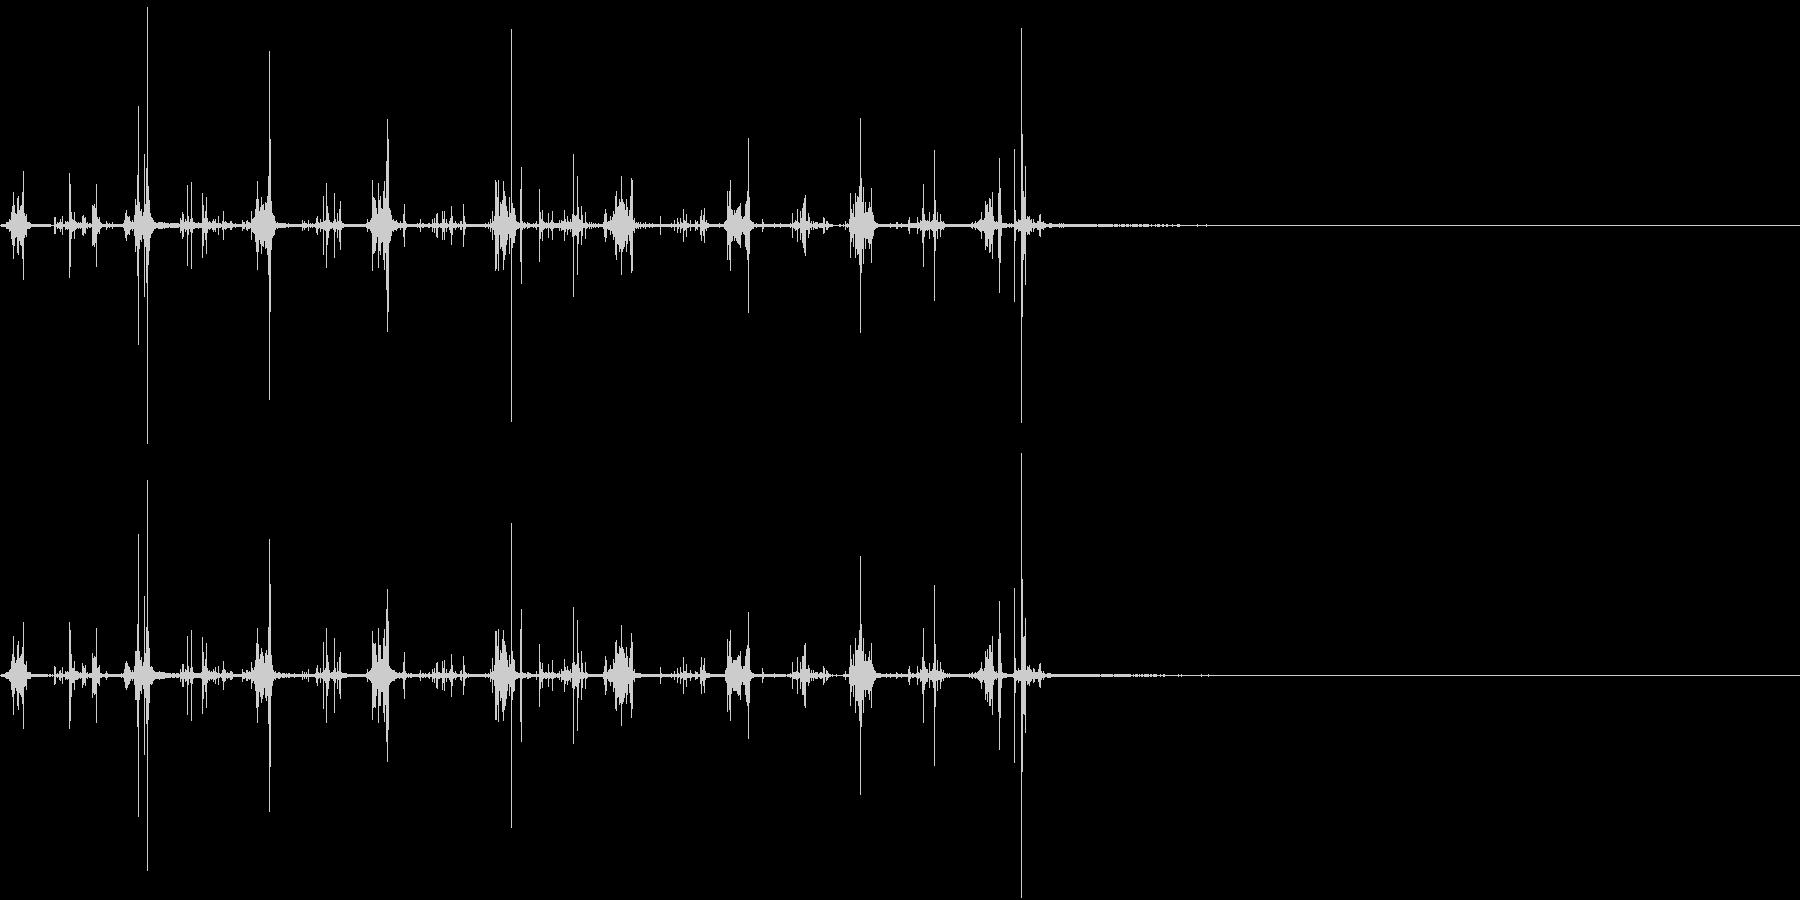 【生録音】何かを洗う音 1 石鹸 泡の未再生の波形